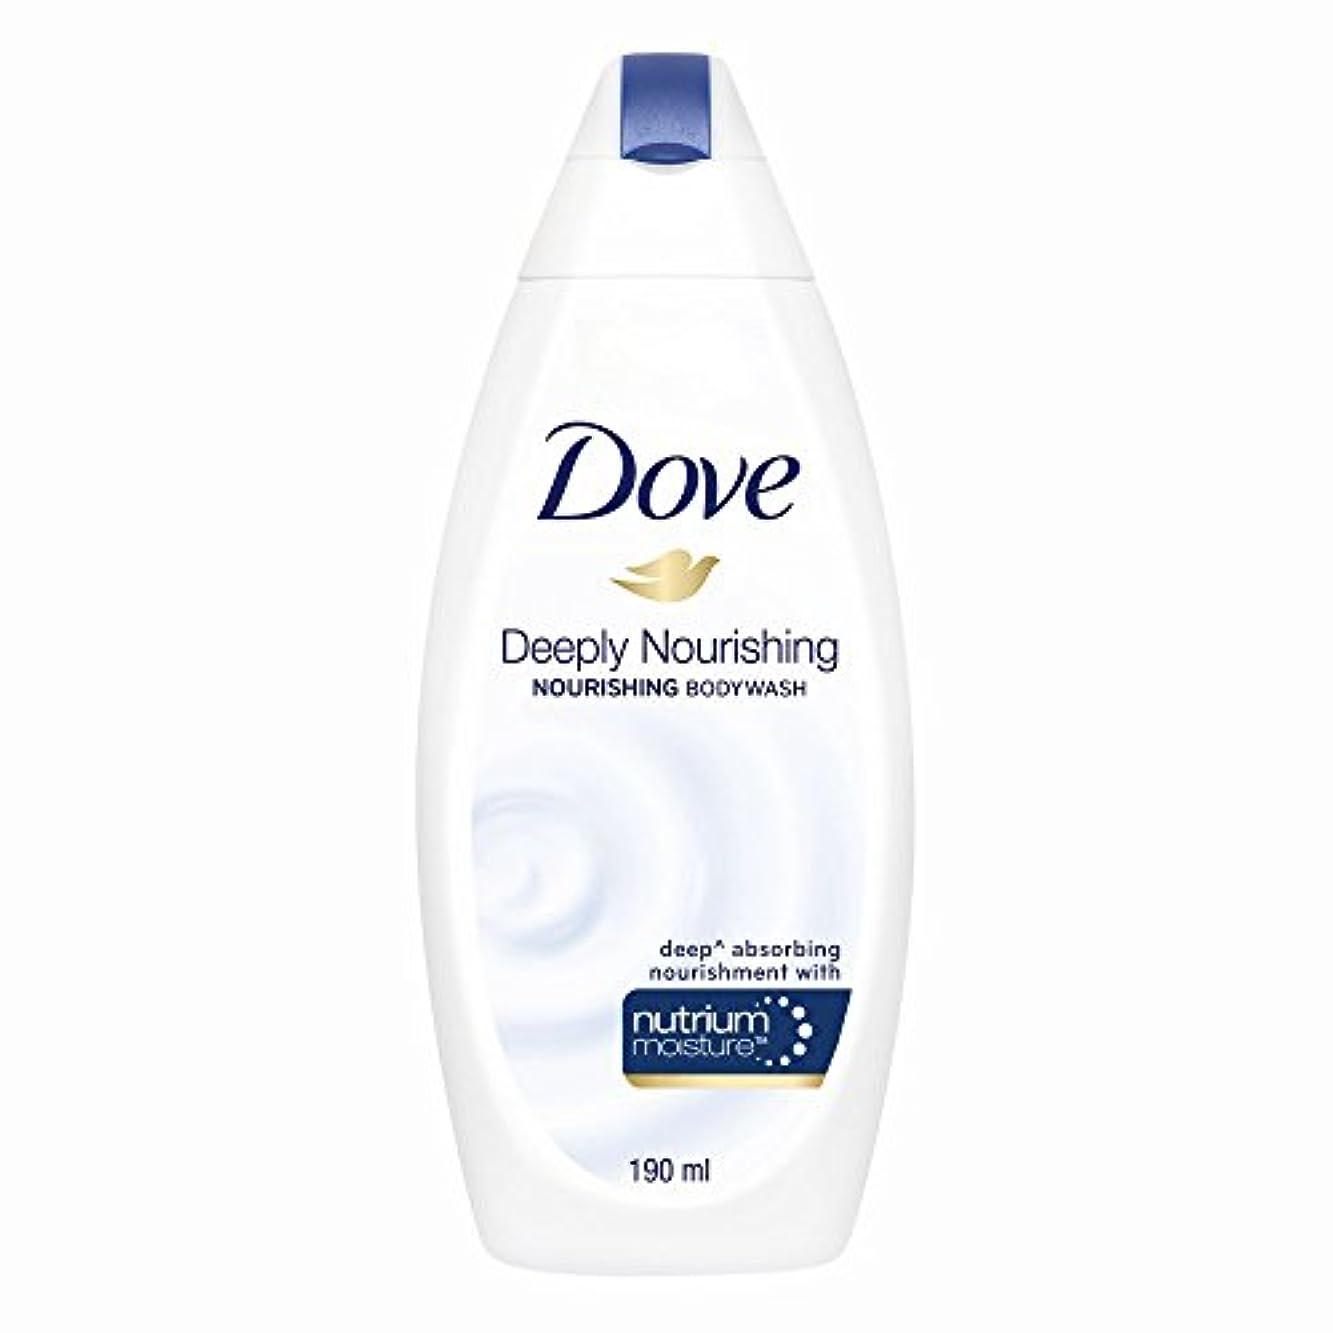 コマンド義務付けられた六月Dove Deeply Nourishing Body Wash, 190ml